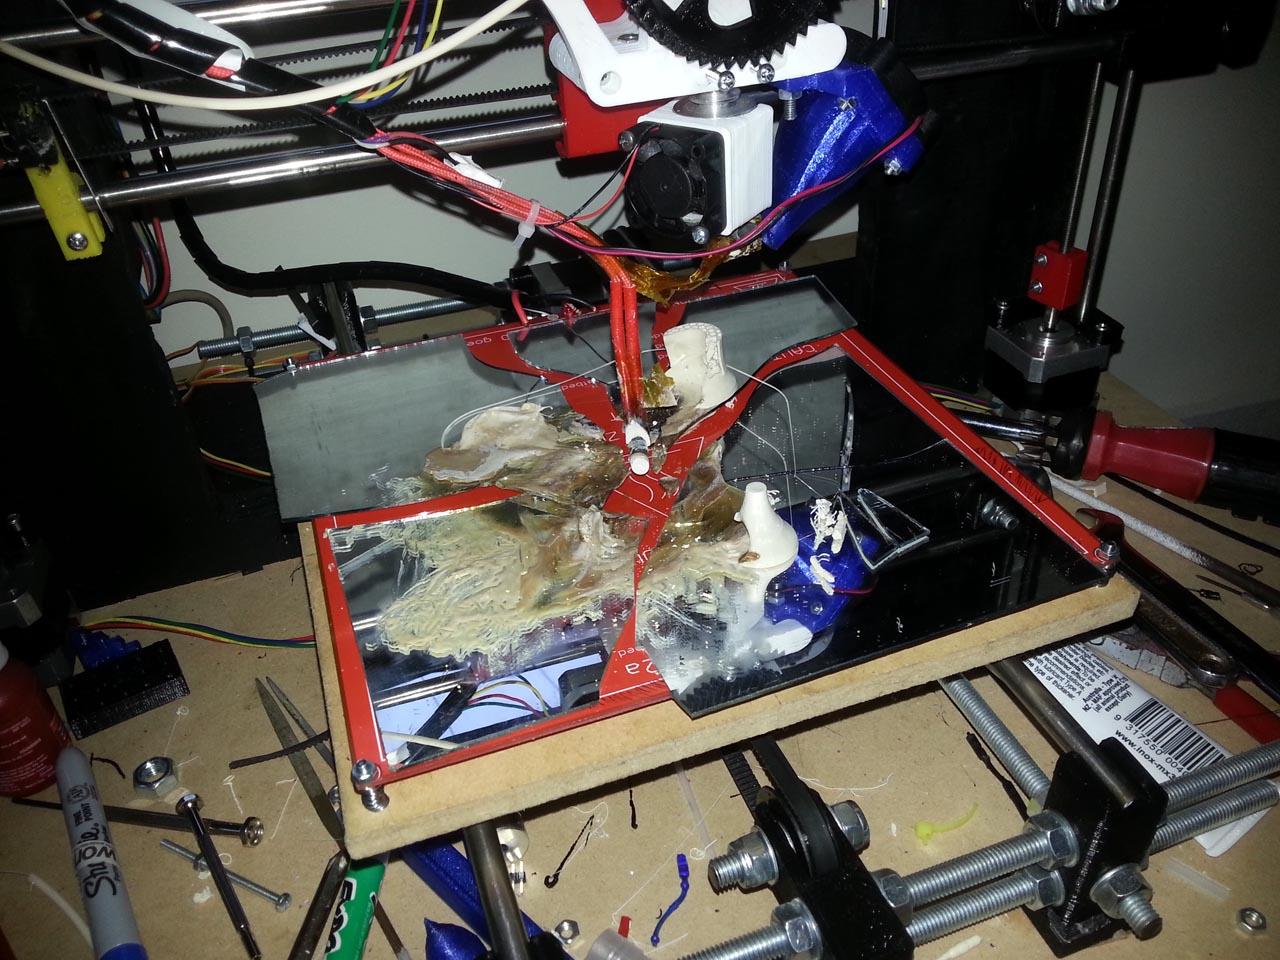 Я хотел купить недорогой 3D-принтер, но посмотрел YouTube и расхотел